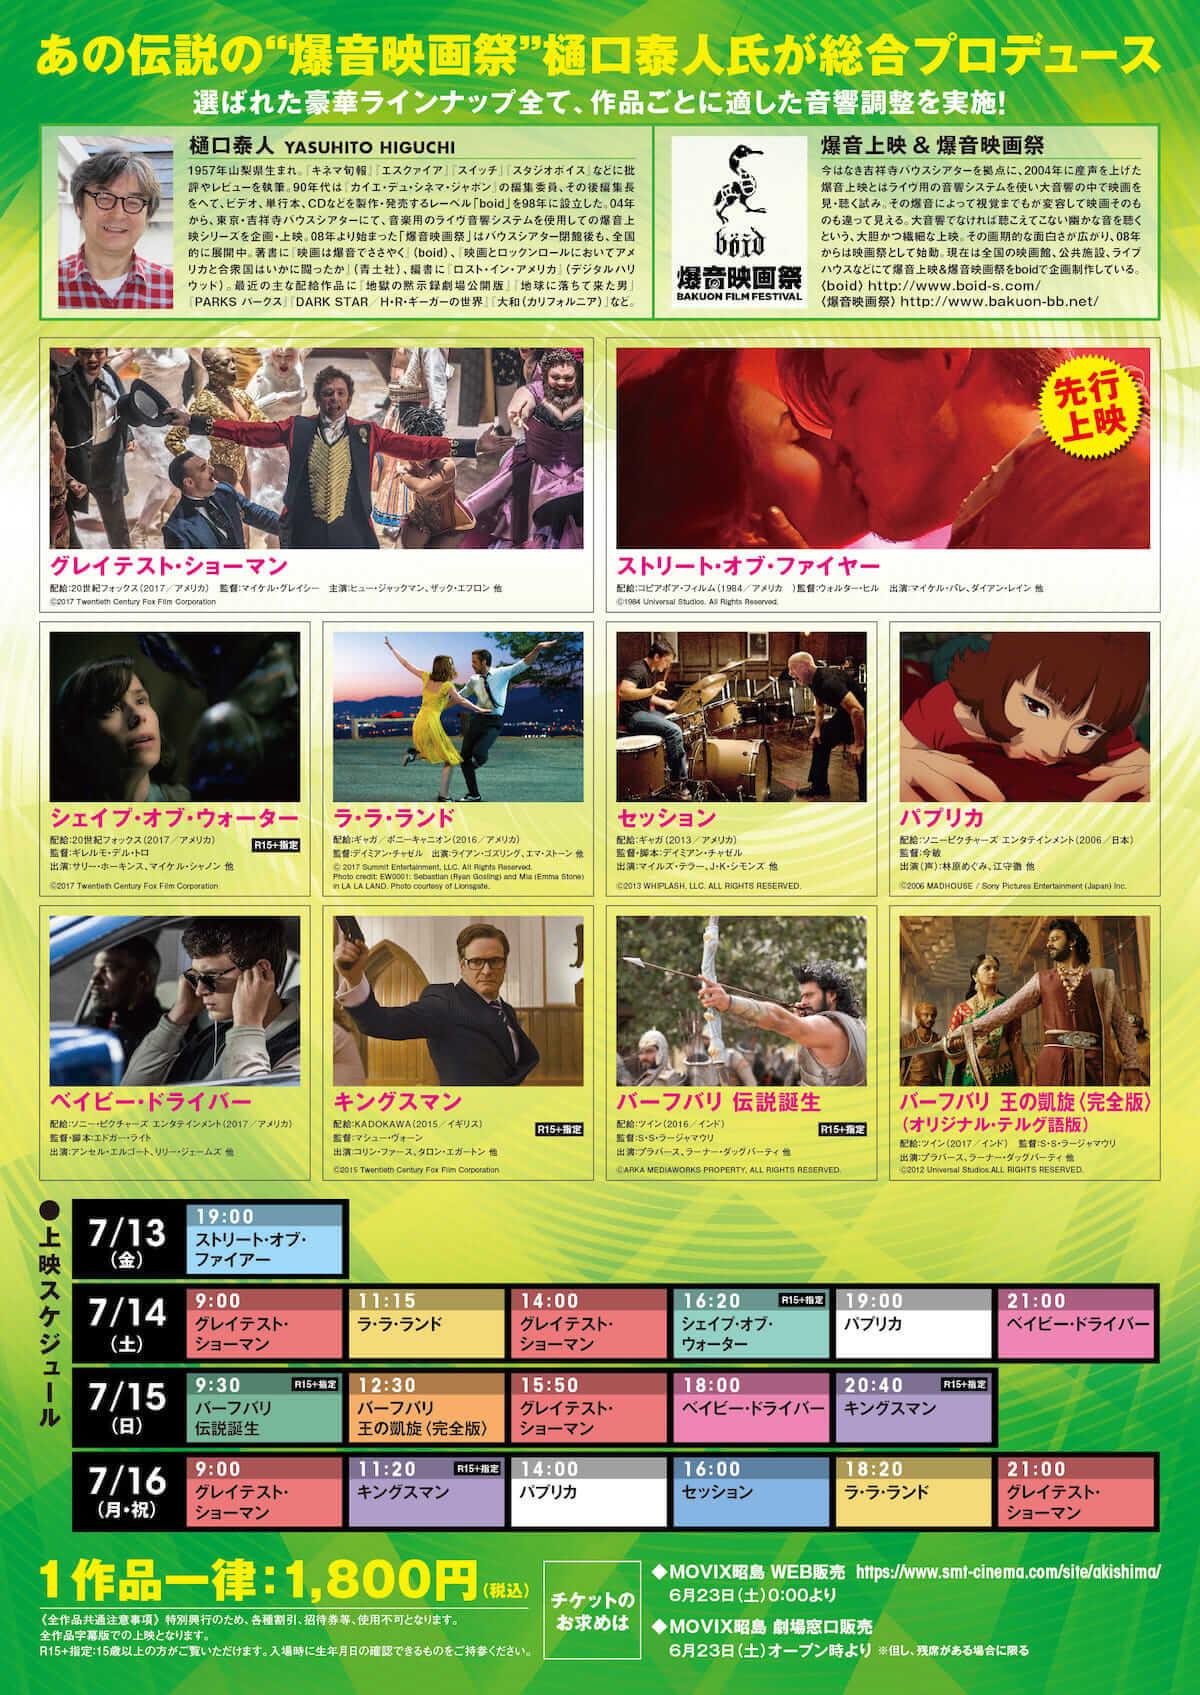 爆音映画祭 in MOVIX昭島開催決定!『ストリート・オブ・ファイヤー』爆音最速先行上映、『ベイビー・ドライバー』を含む計10本の名作を上映 film180614_bakuon_akishima_03-1200x1695